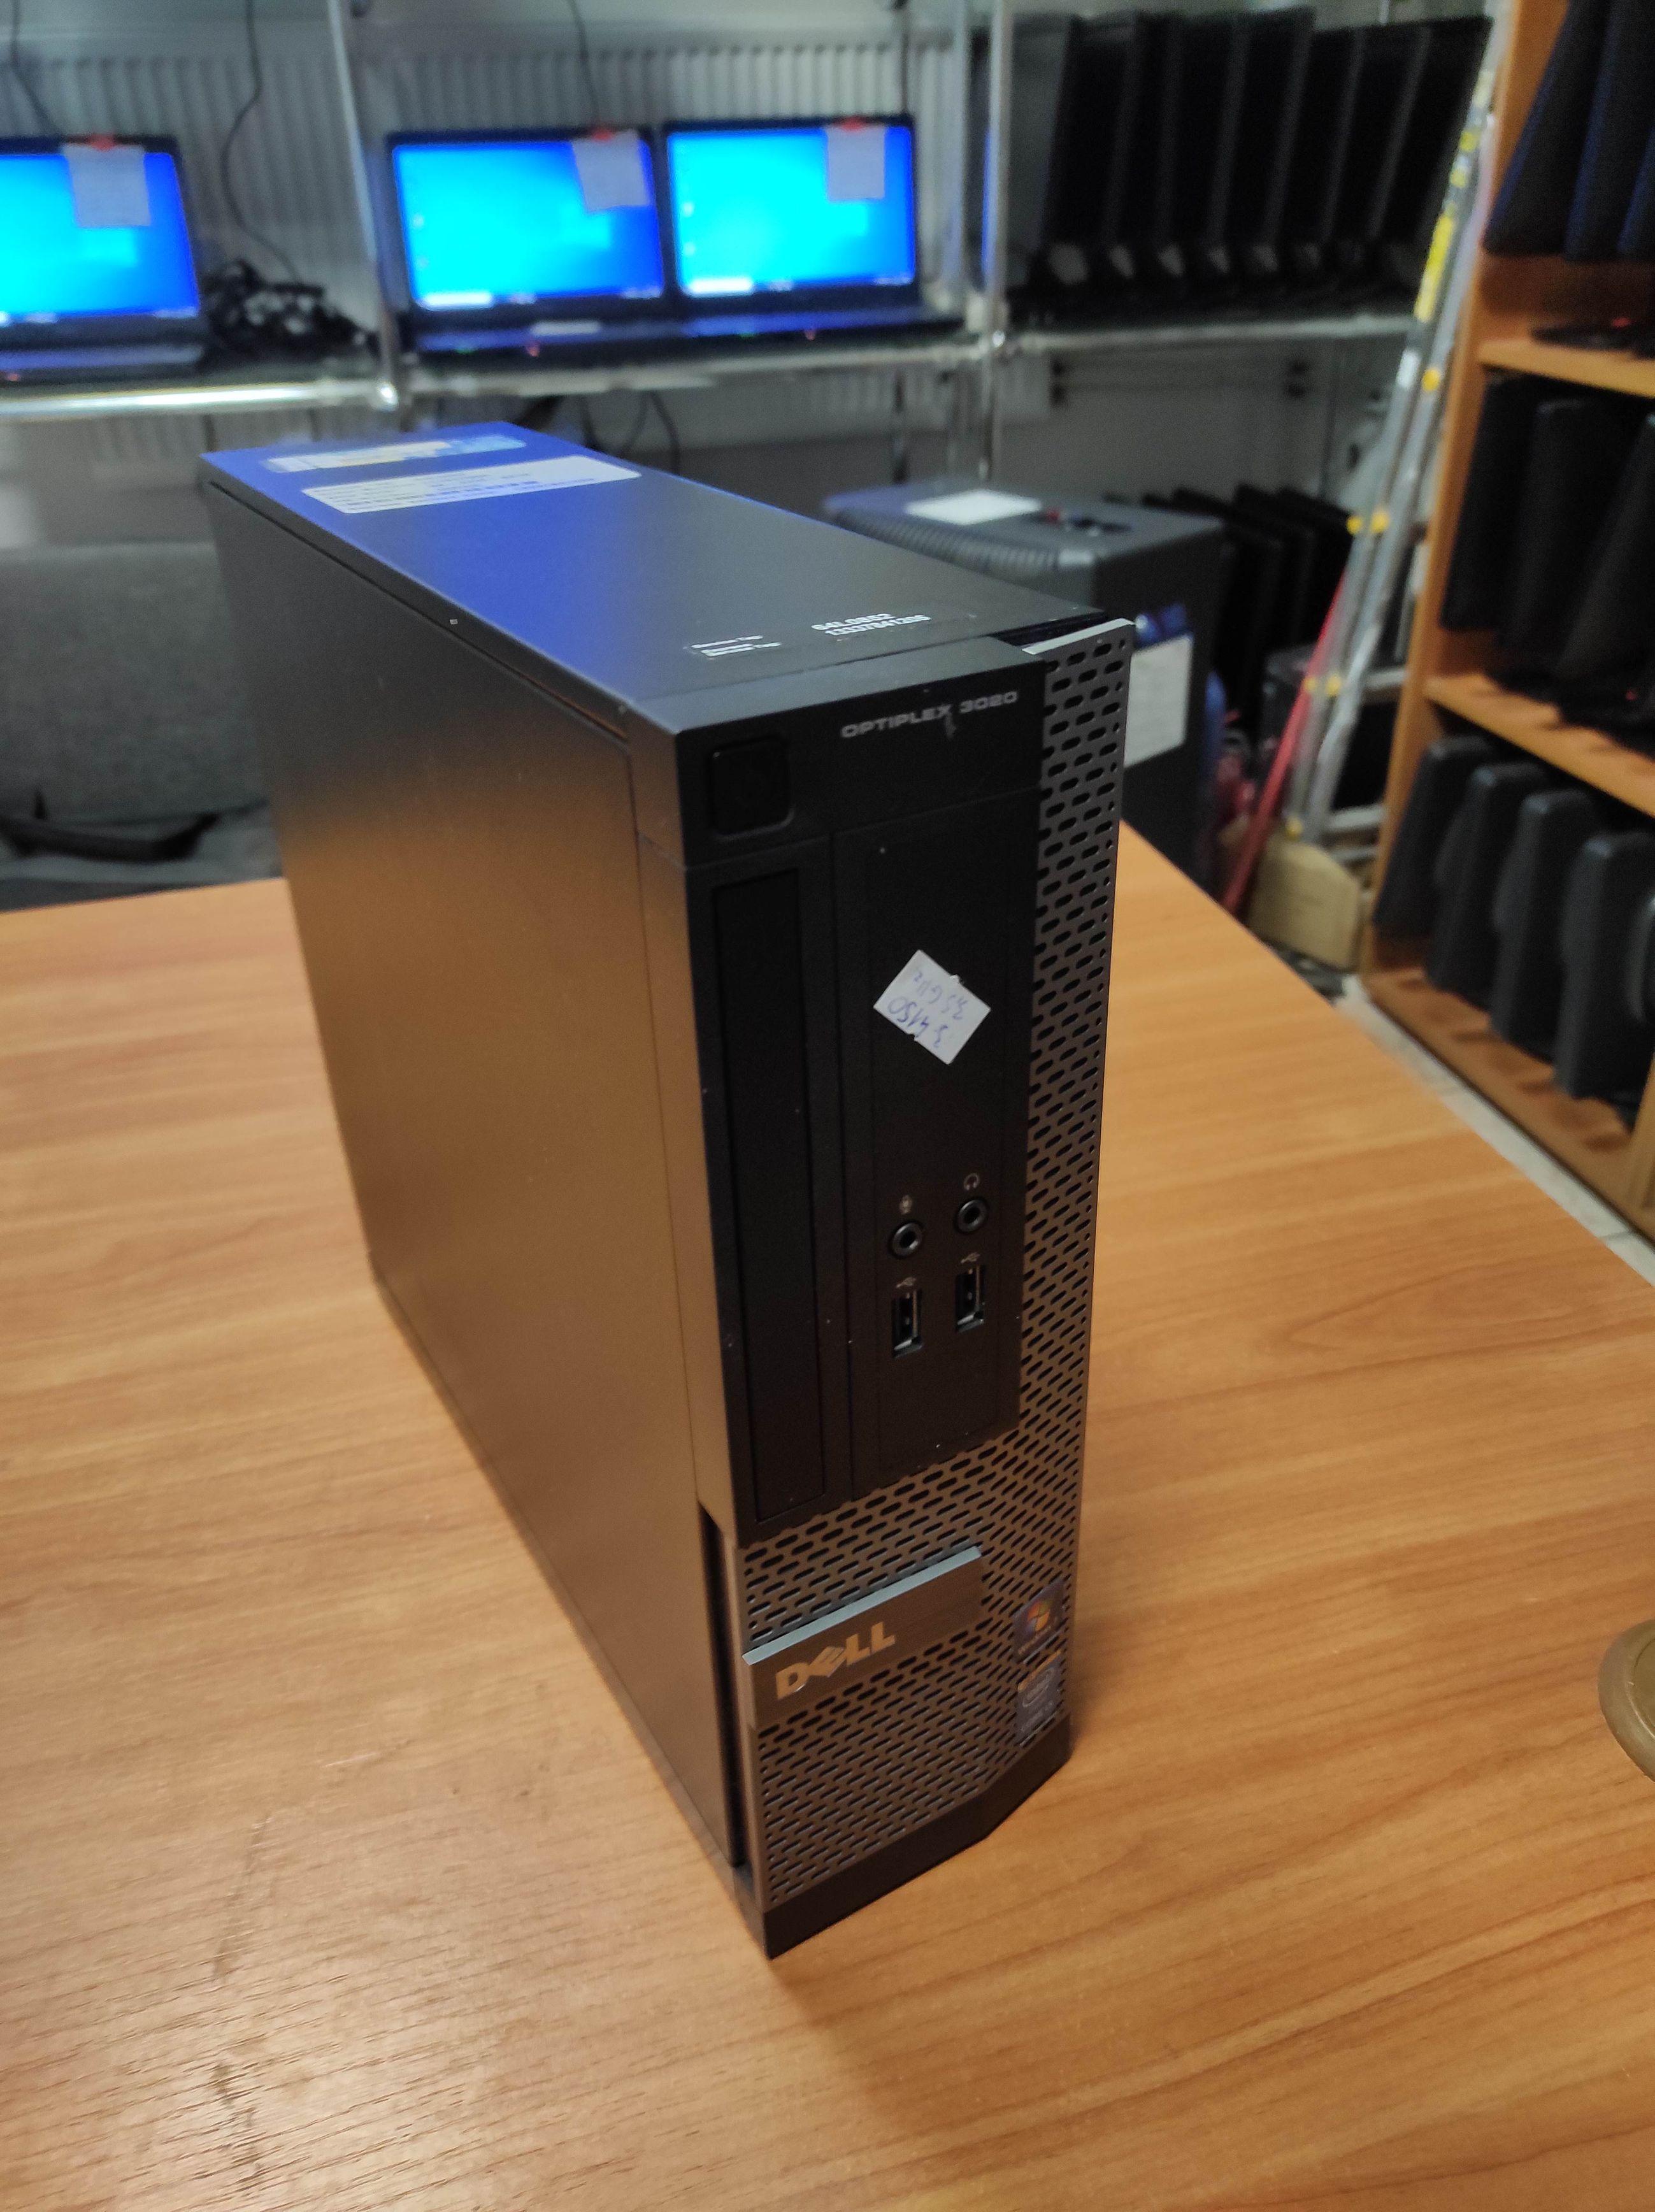 Komputer Dell 3020 i3 4 generacja 8GB 240GB SSD Windows 10 Pro